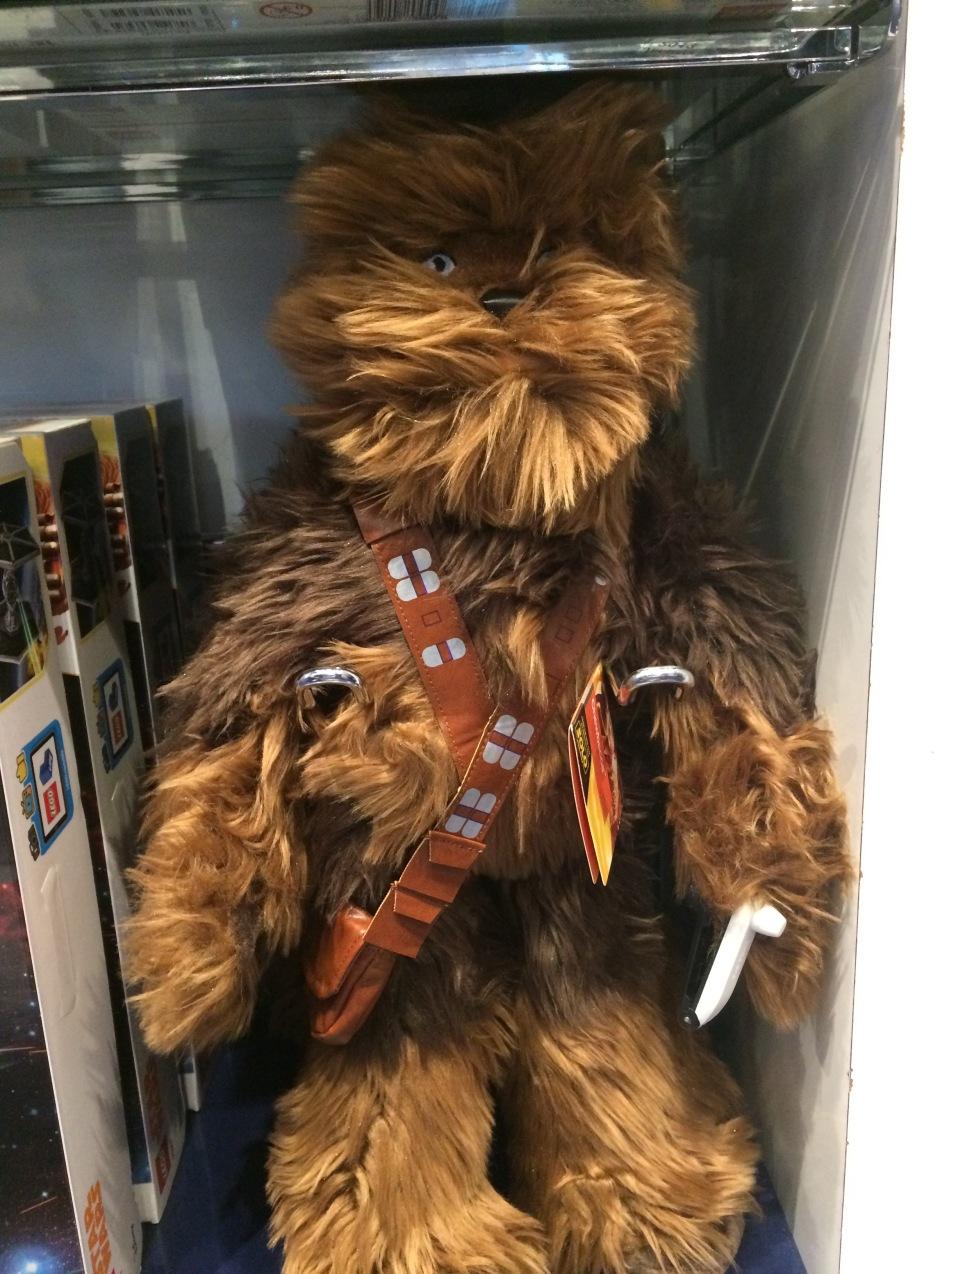 Solo-Disney-Store-Chewbacca-Plush